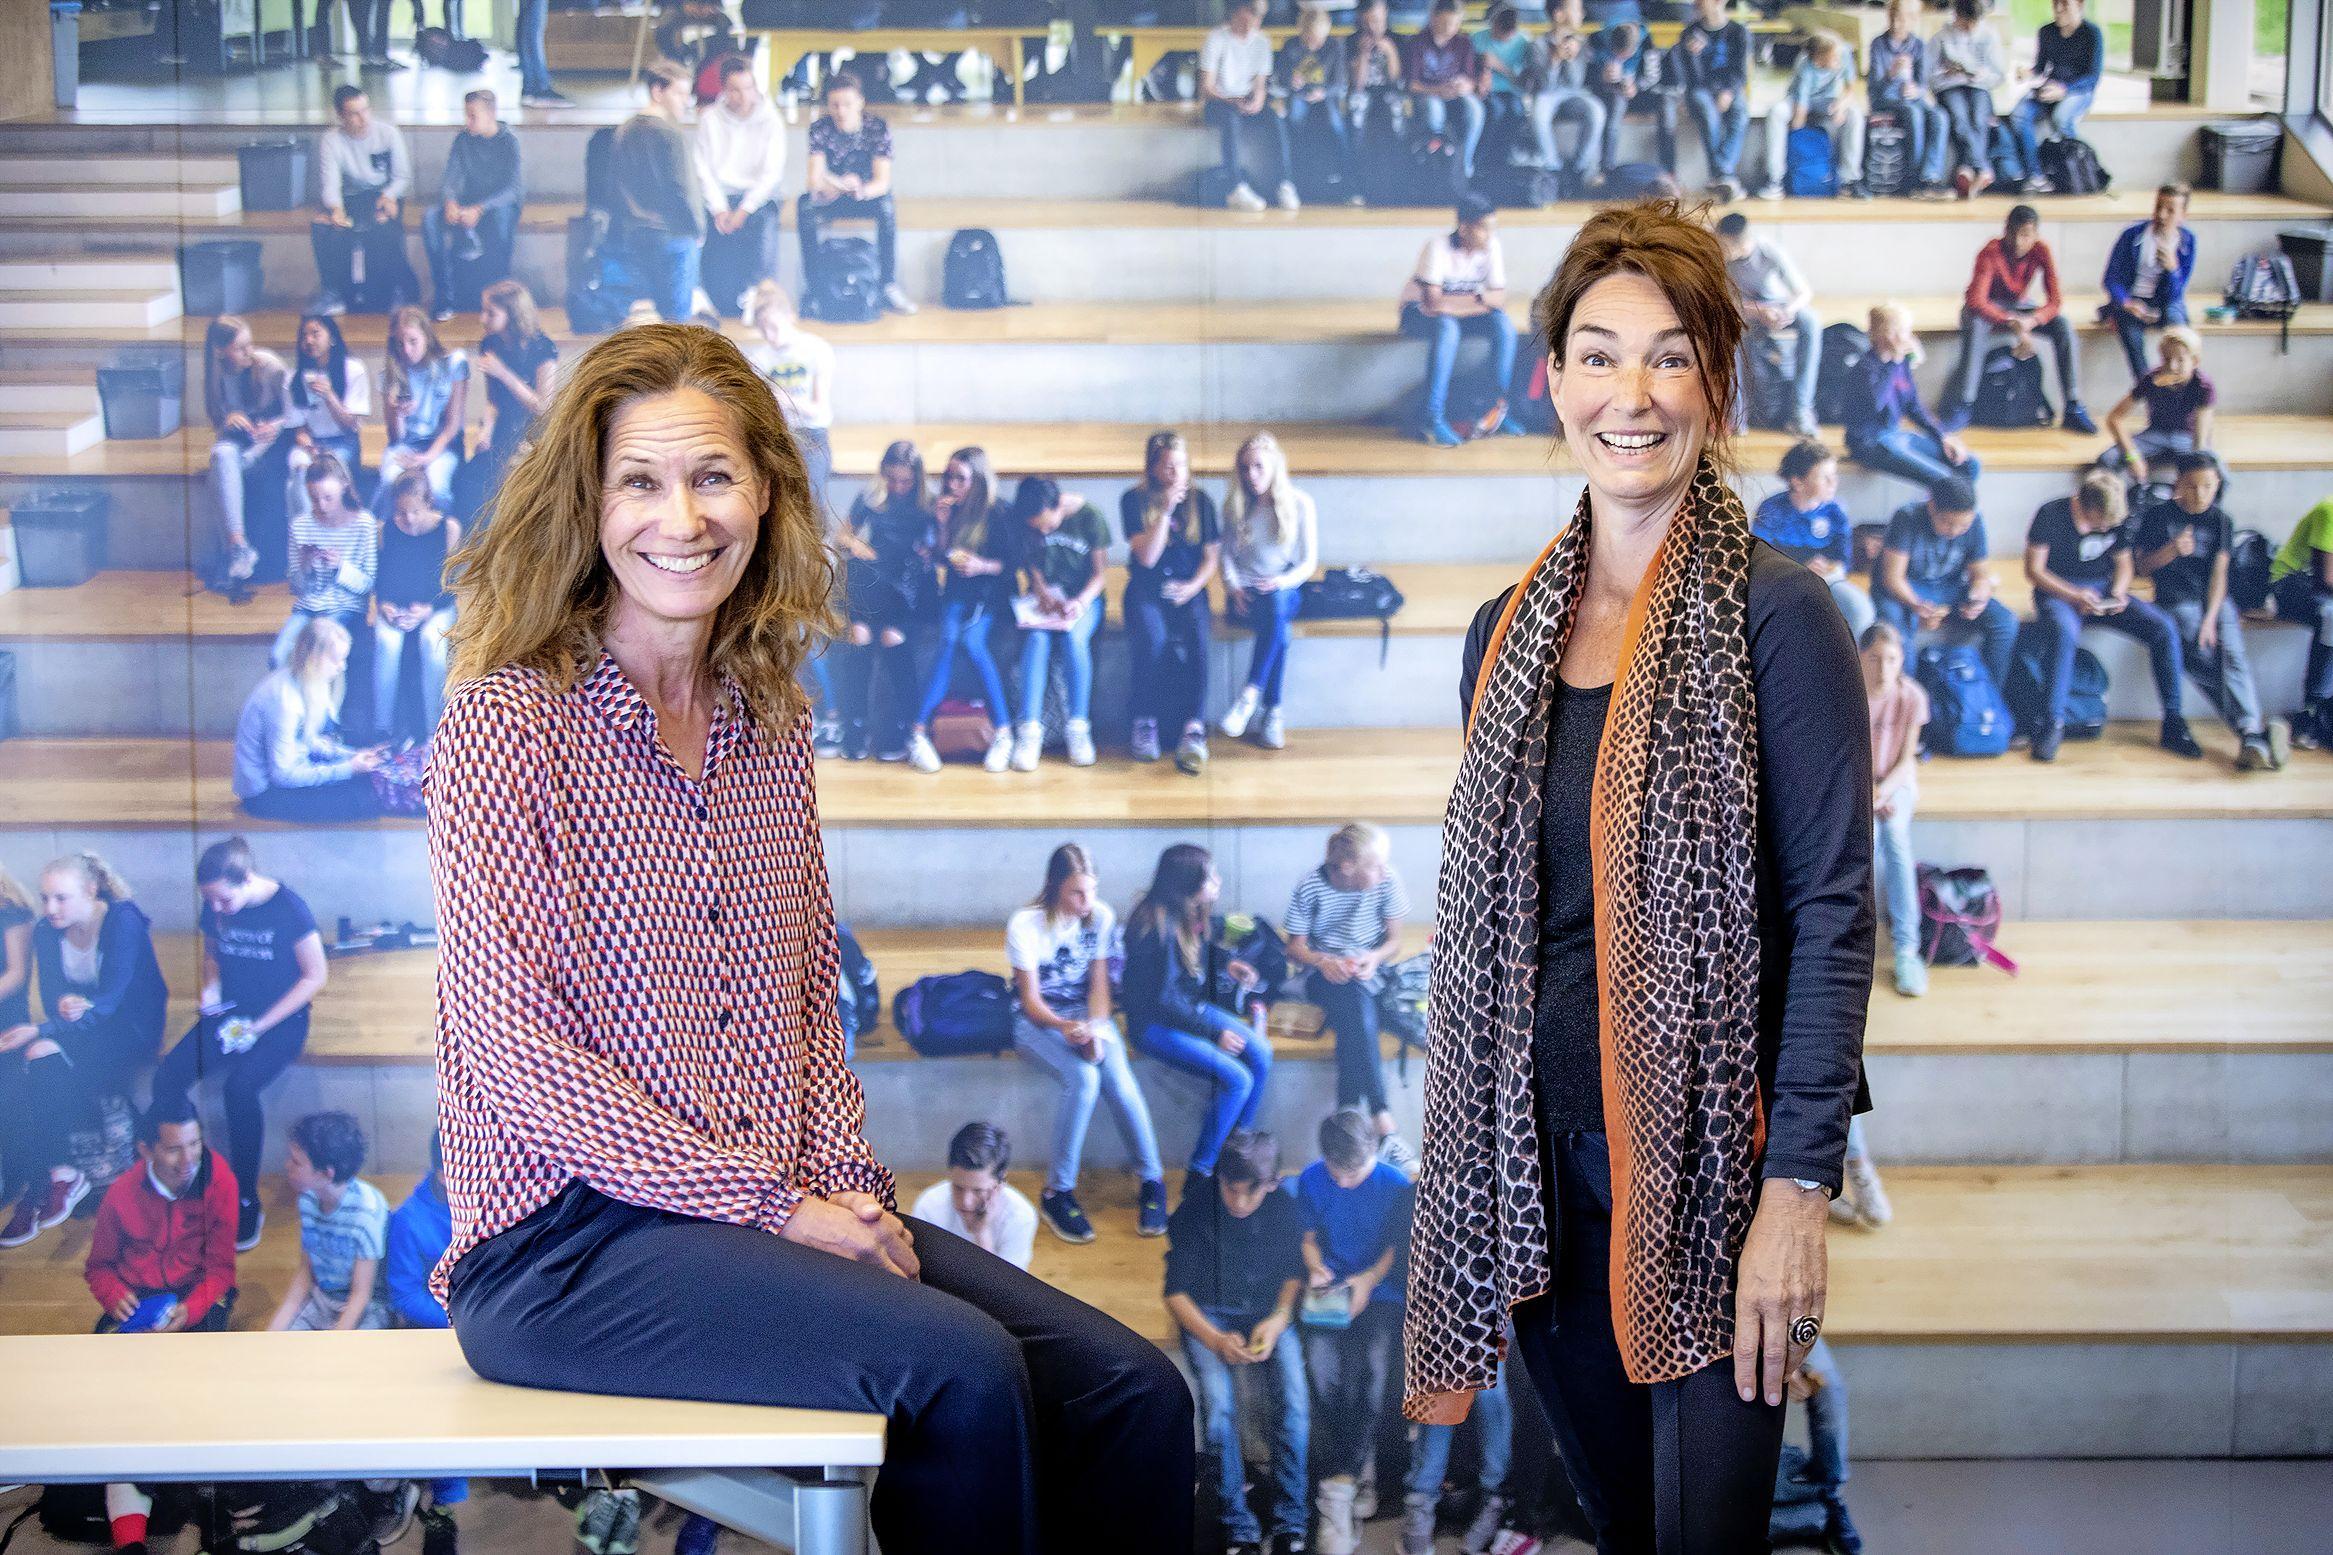 Project moet lerarentekort tegengaan. 'We willen een realistisch beeld geven en tegelijkertijd enthousiasme voor het onderwijs overbrengen'